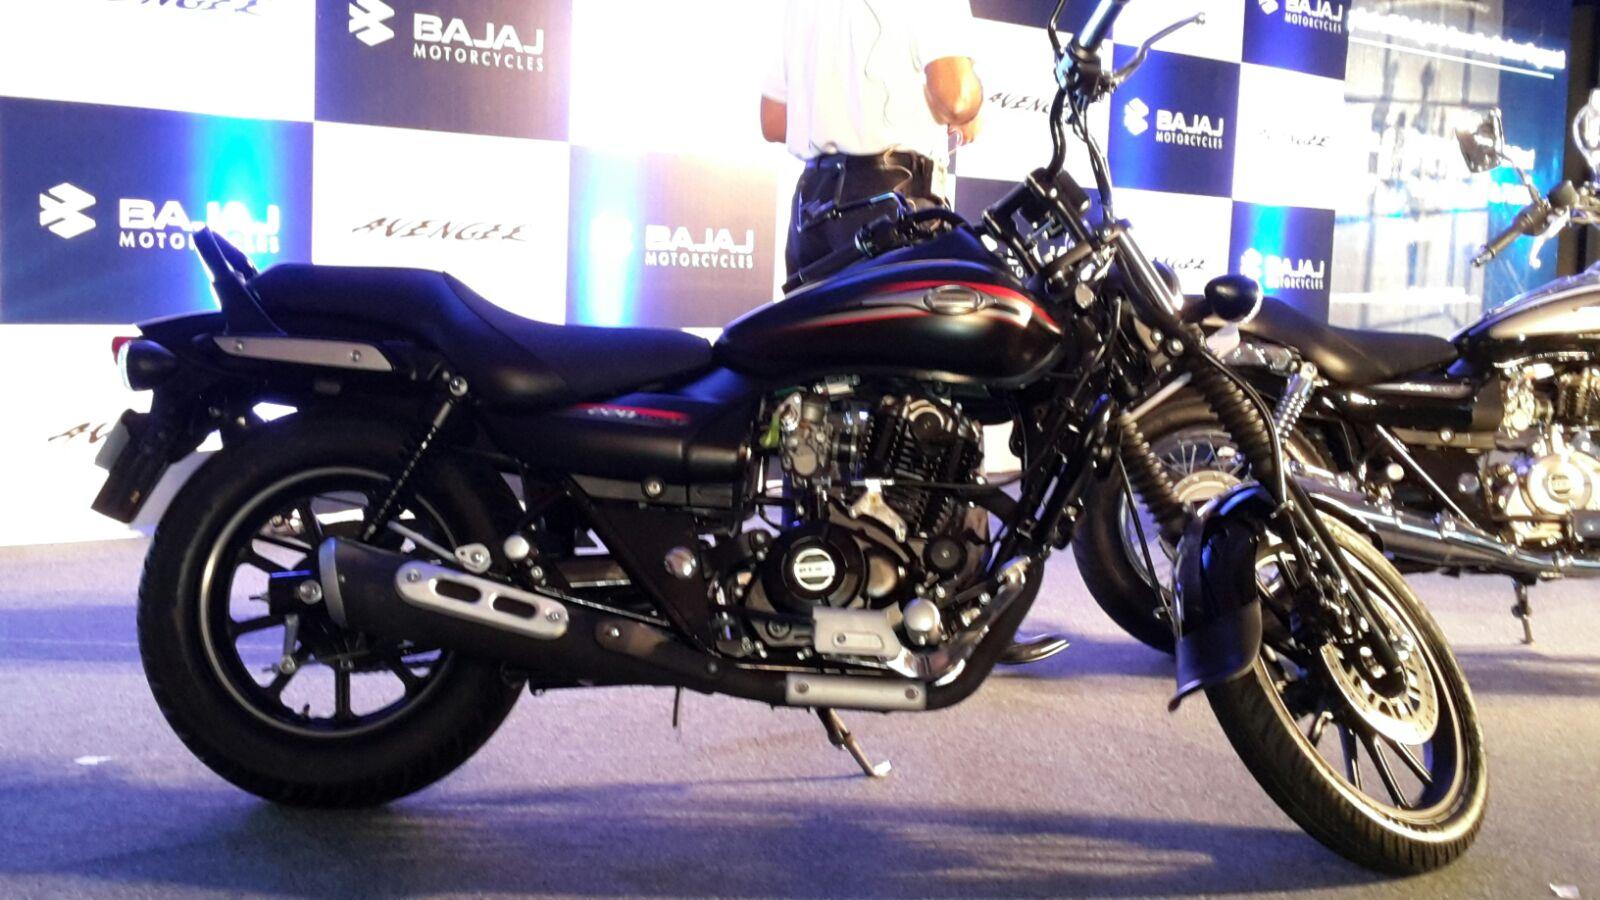 New Model Bajaj Avenger Launch Pics Specs Details